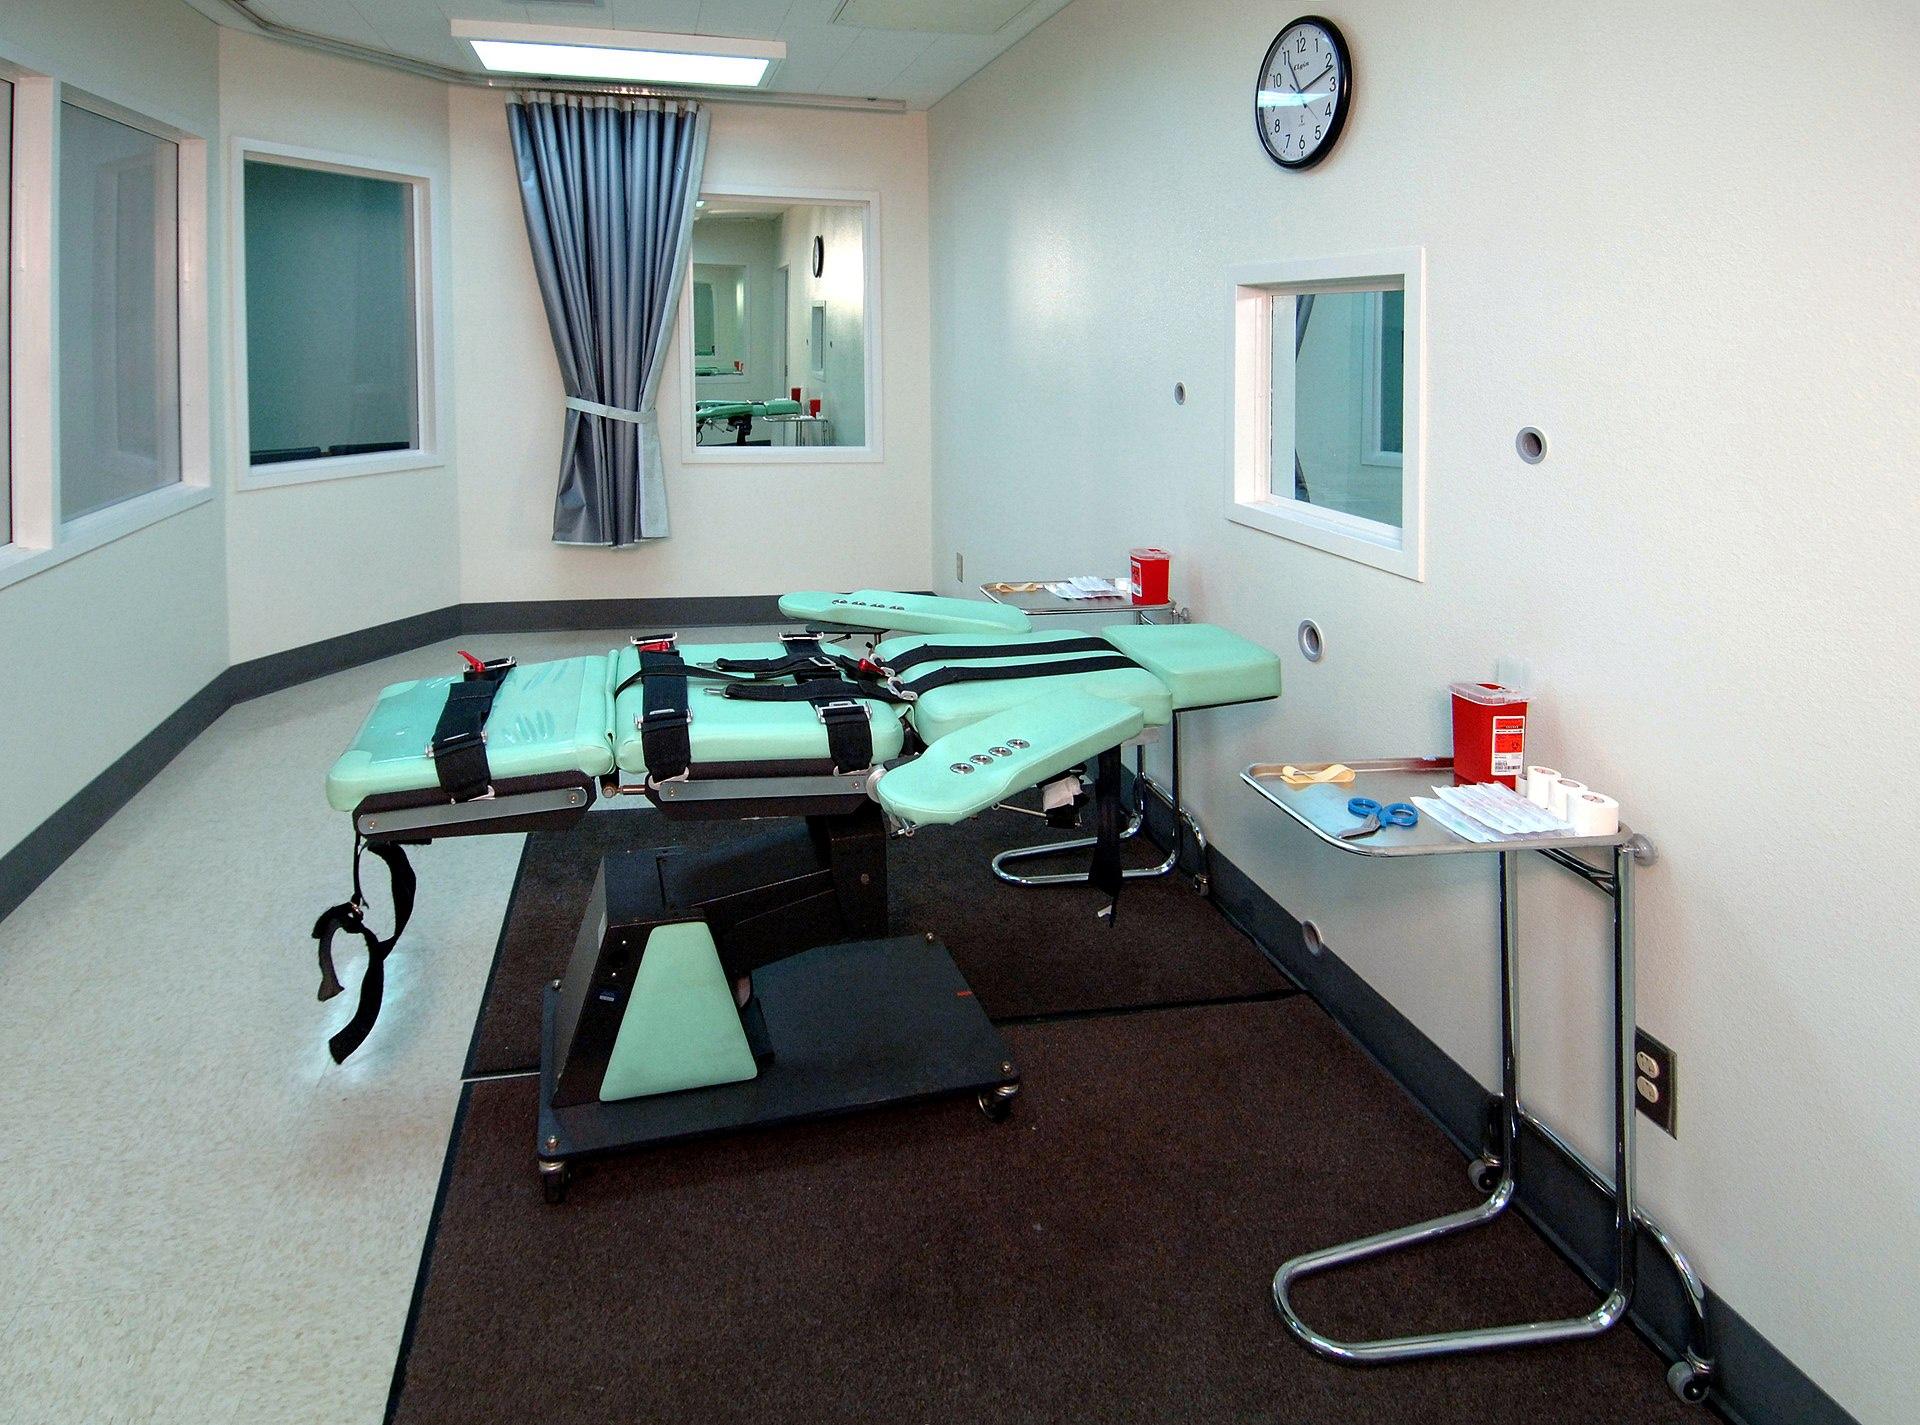 Death chamber San Quentin